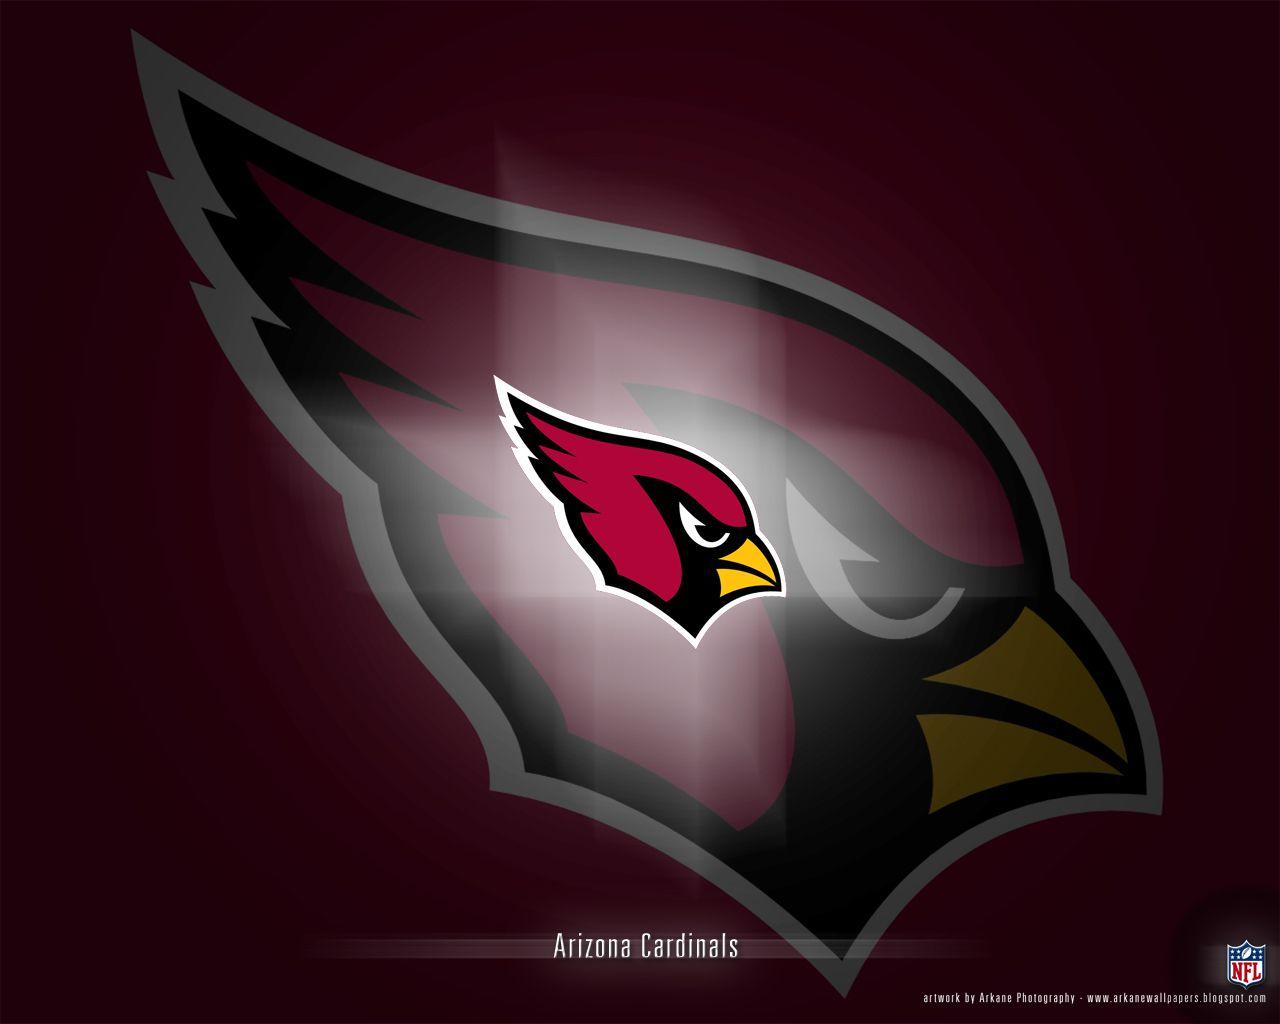 Kane Blog Picz Az Cardinals Wallpaper Free Cardinals Wallpaper Arizona Cardinals Wallpaper Arizona Cardinals